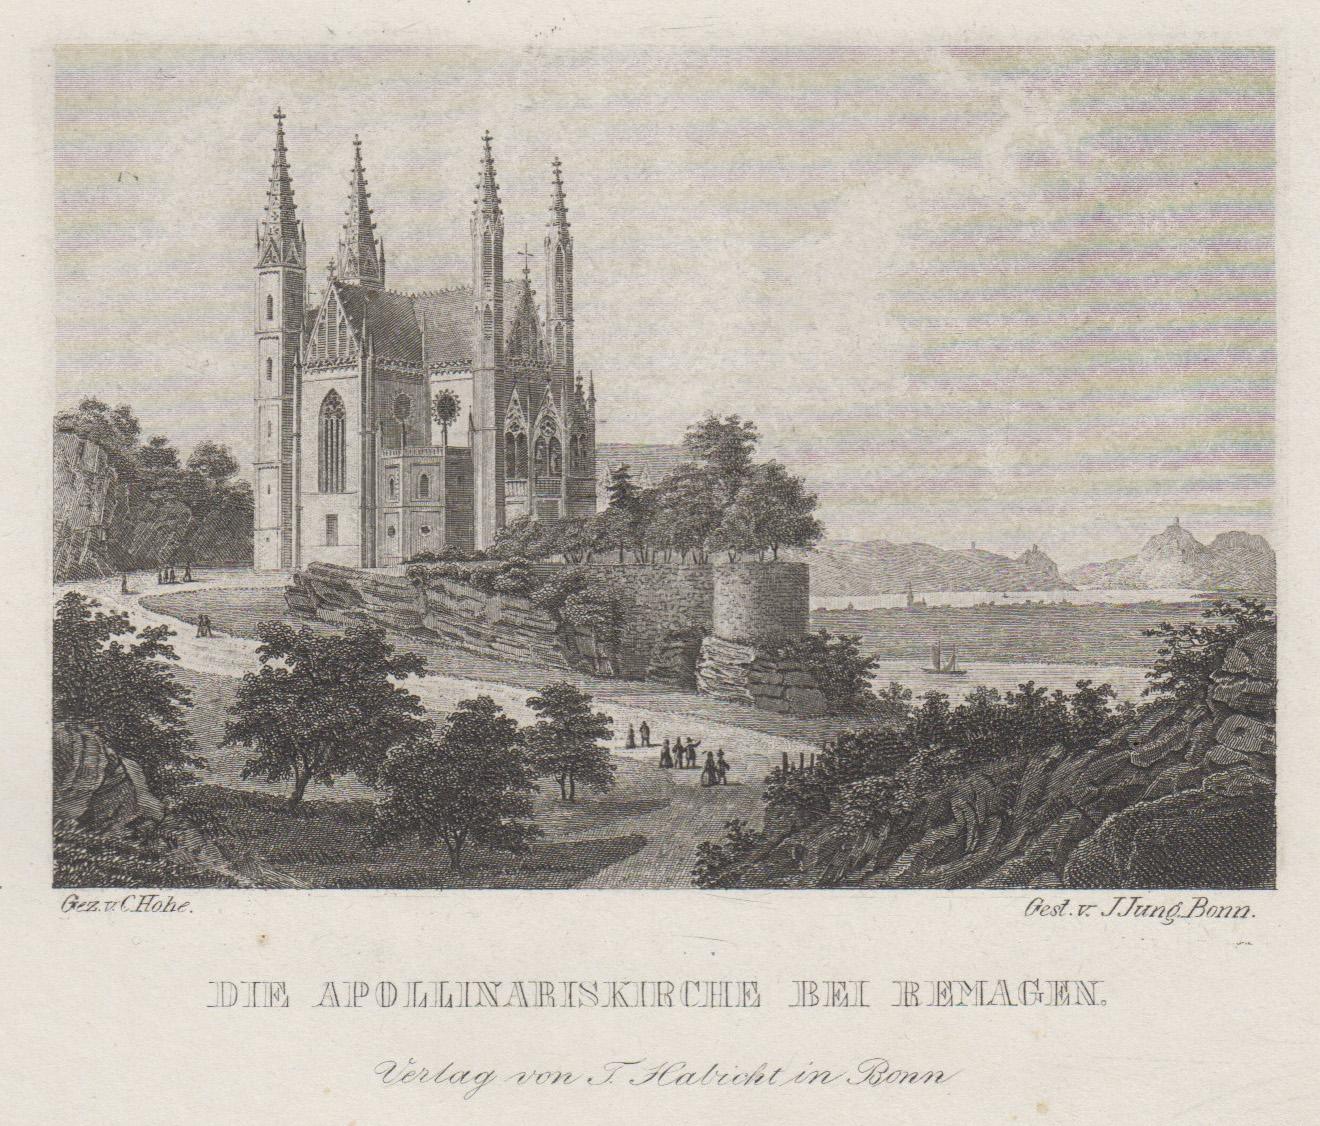 TA., Apollinariskirche m. Blick z. Siebengeb.: Remagen: